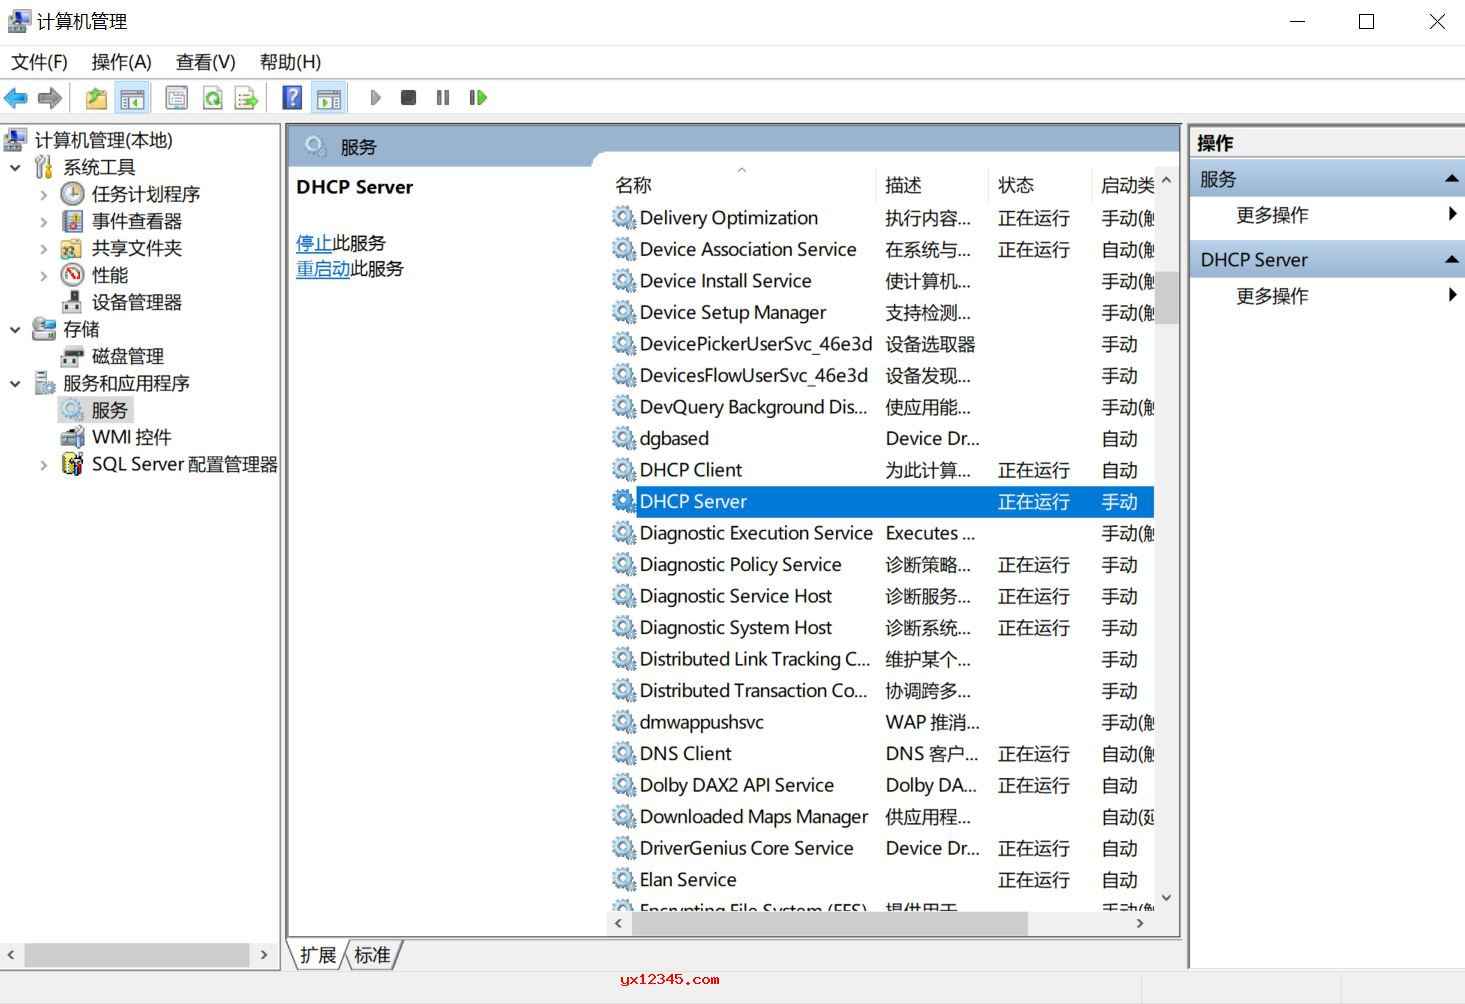 在服务管理里面,右键启动DHCP服务